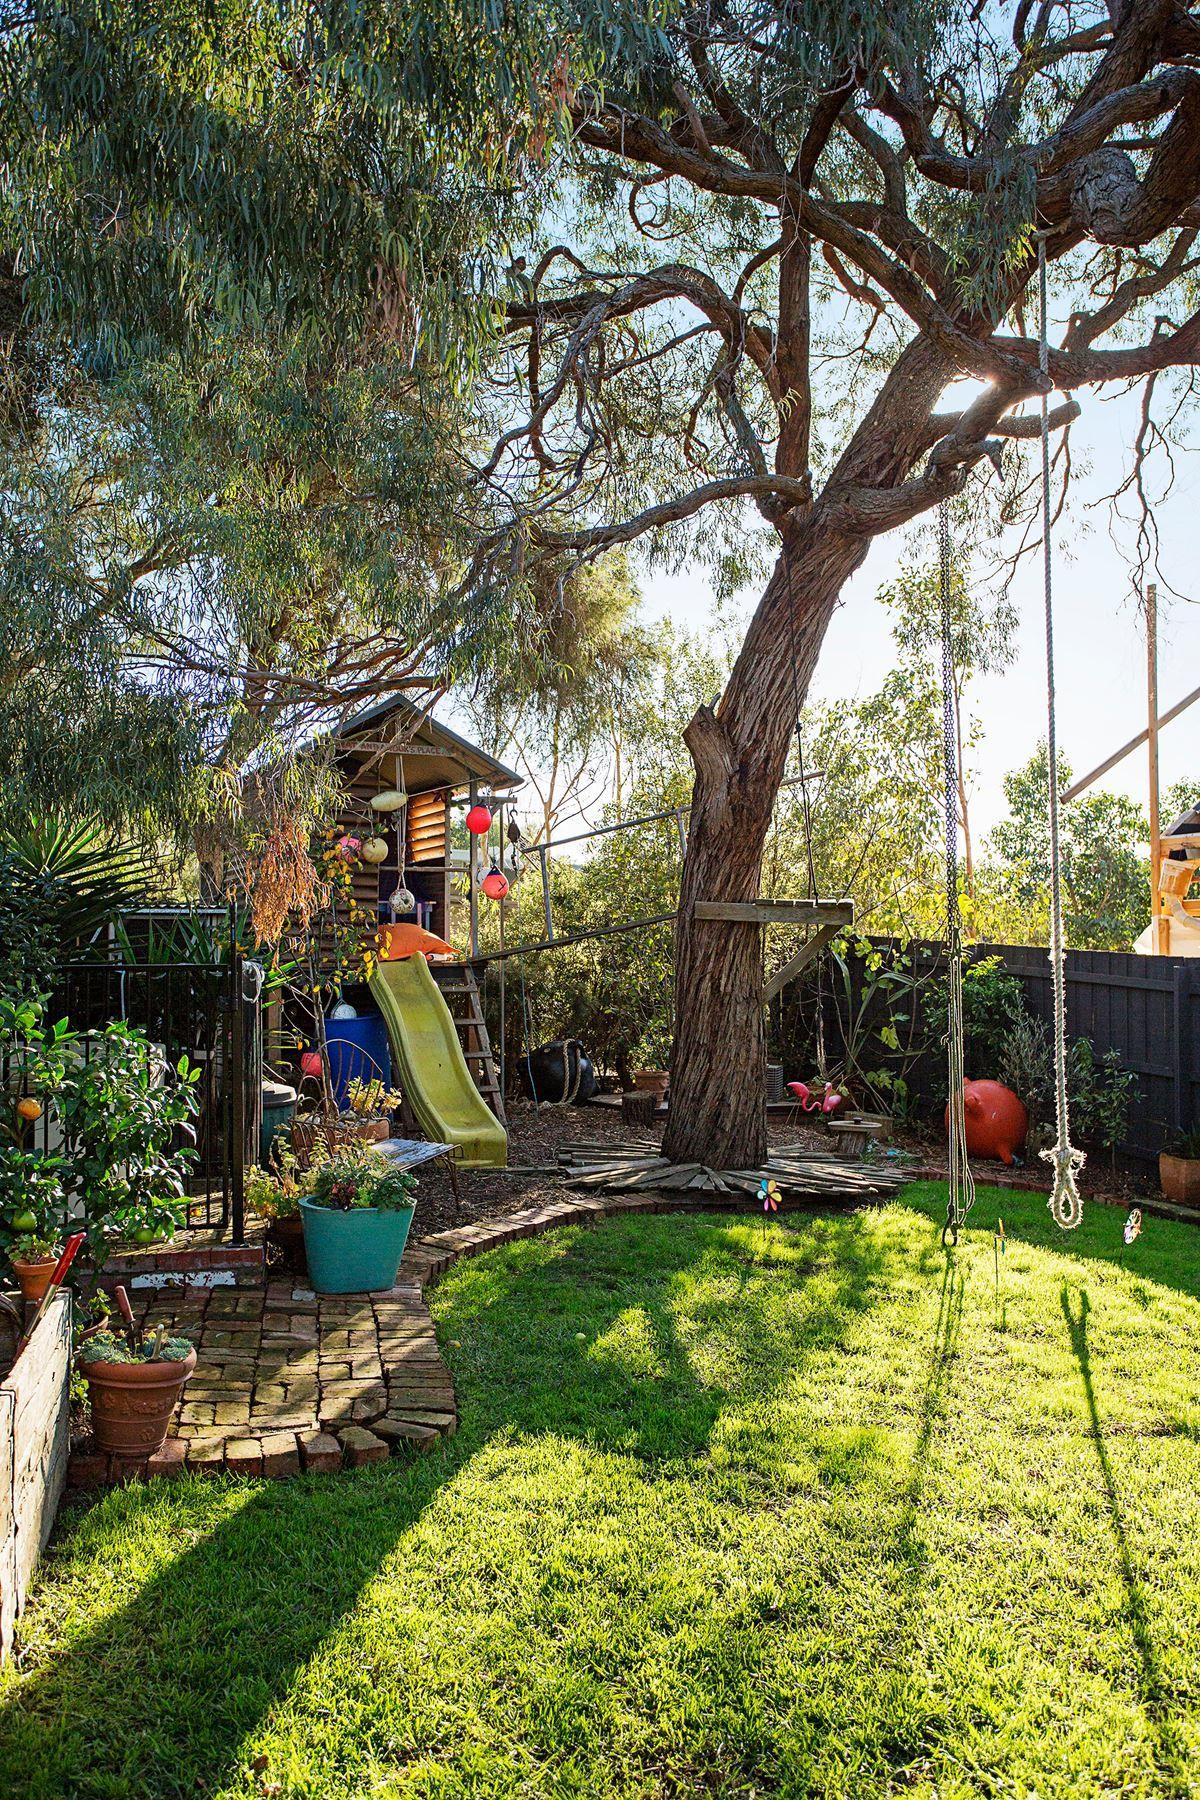 Take A Tour Of A Truly Fun Backyard At A